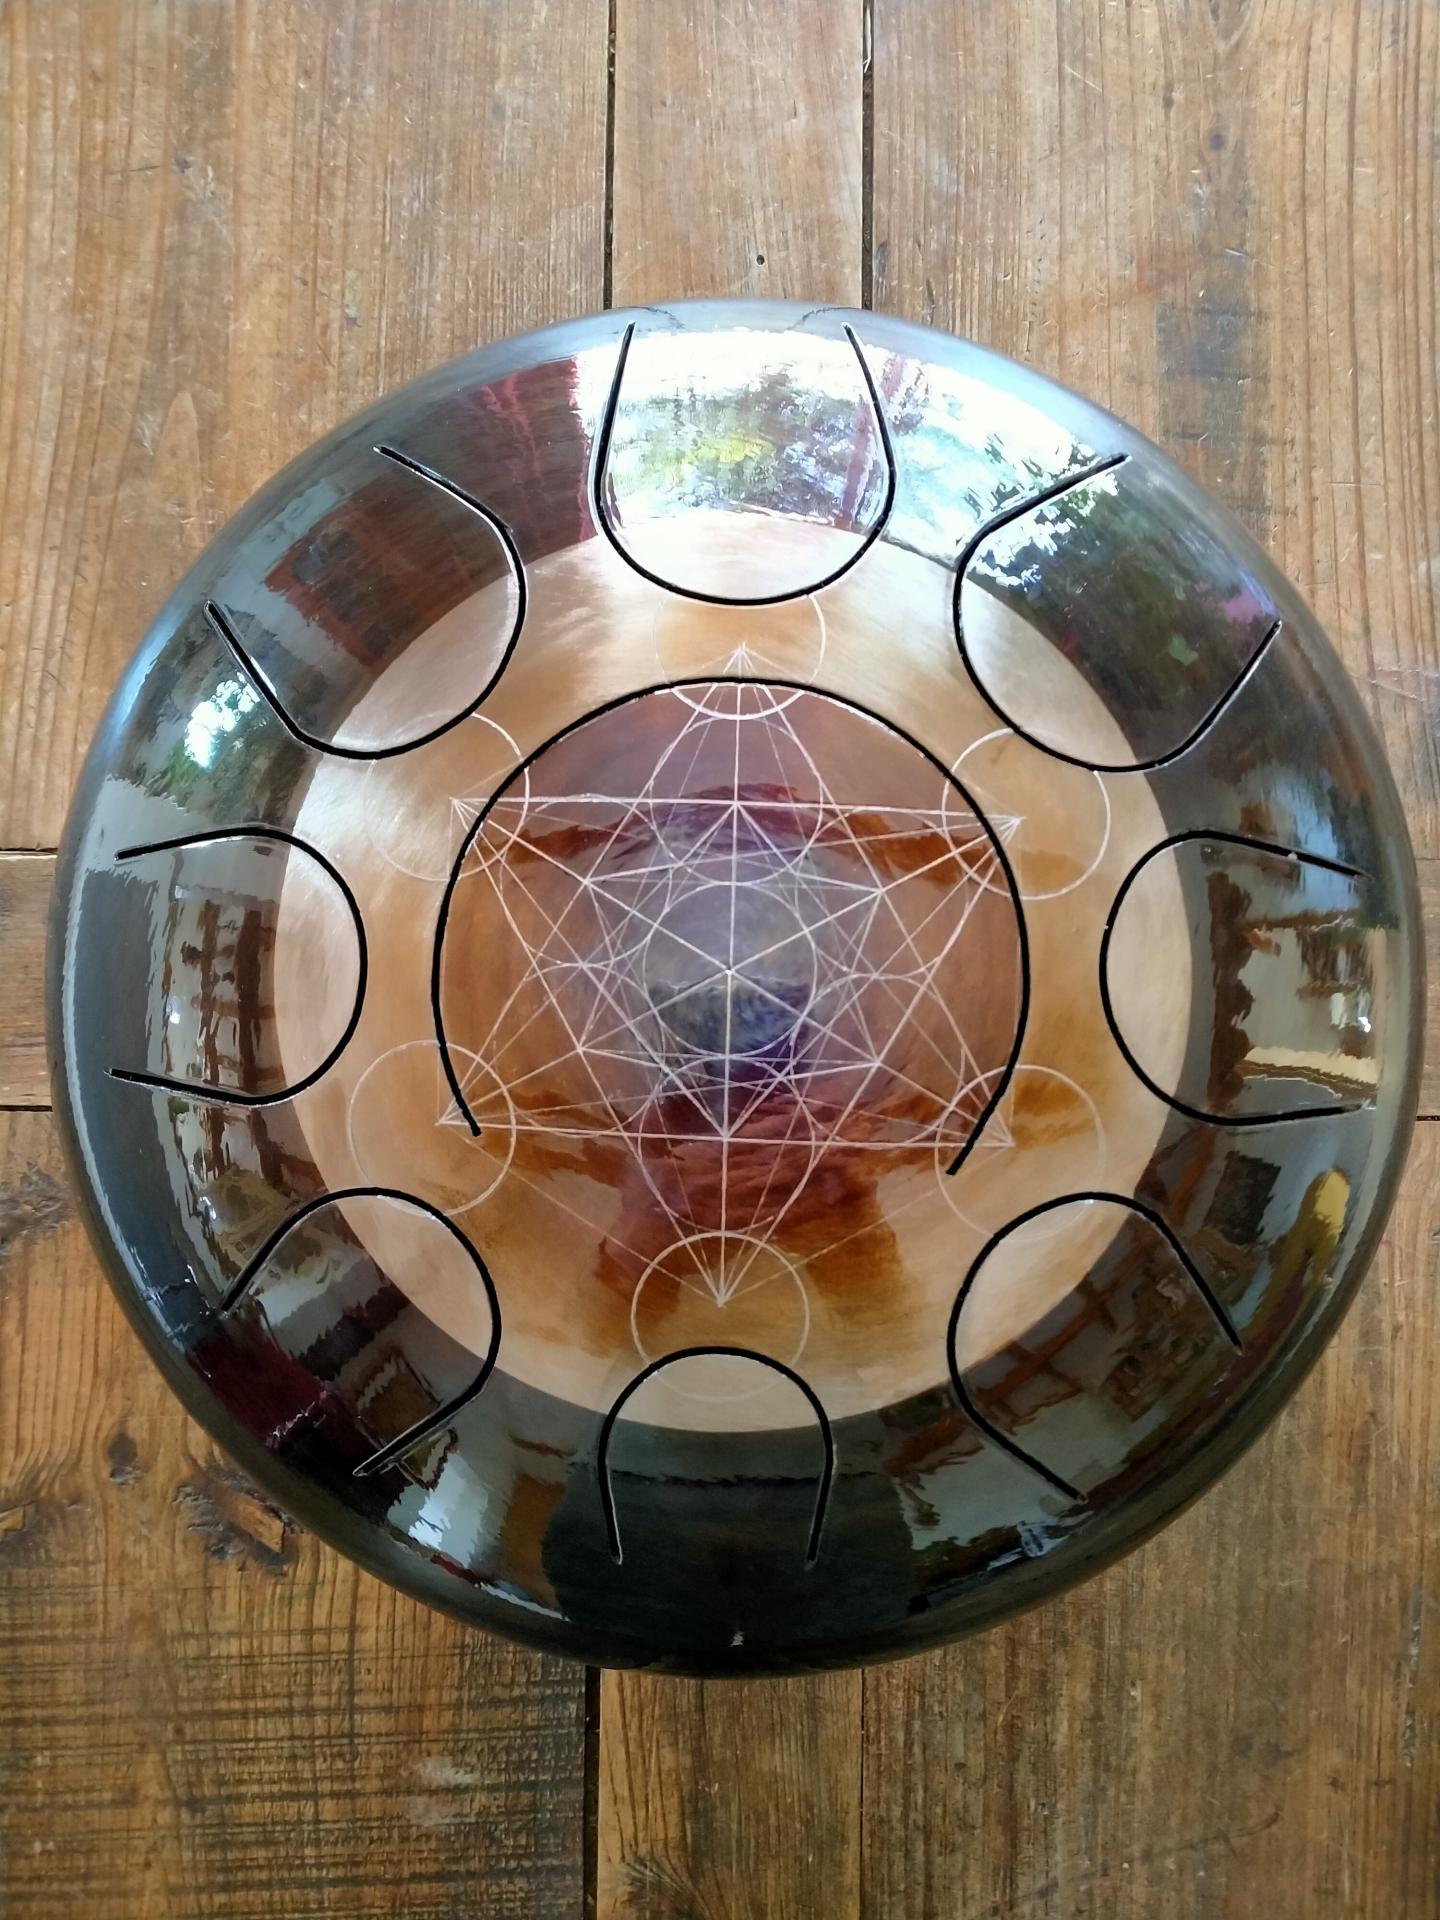 Steel tongue drum avec cube de métatron gravé & flambé, Sound circle.